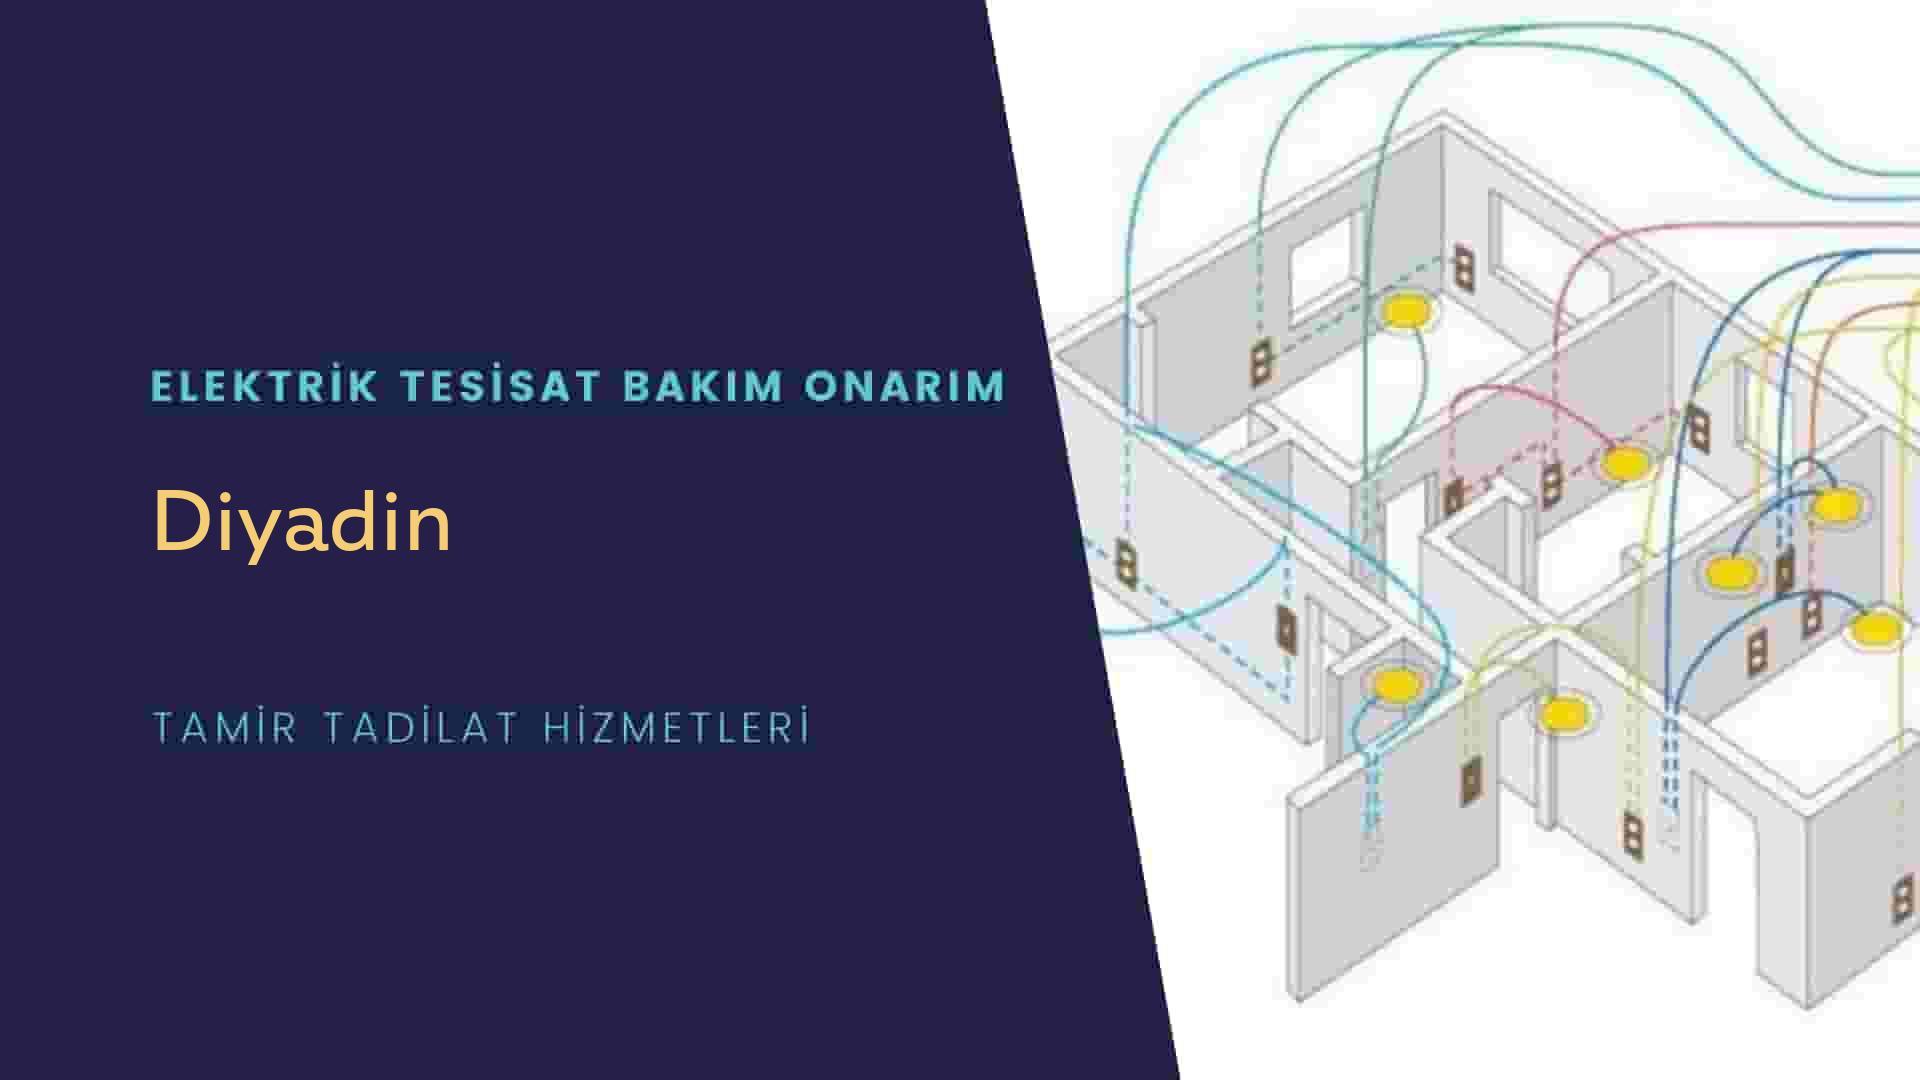 Diyadin'de elektrik tesisatıustalarımı arıyorsunuz doğru adrestenizi Diyadin elektrik tesisatı ustalarımız 7/24 sizlere hizmet vermekten mutluluk duyar.